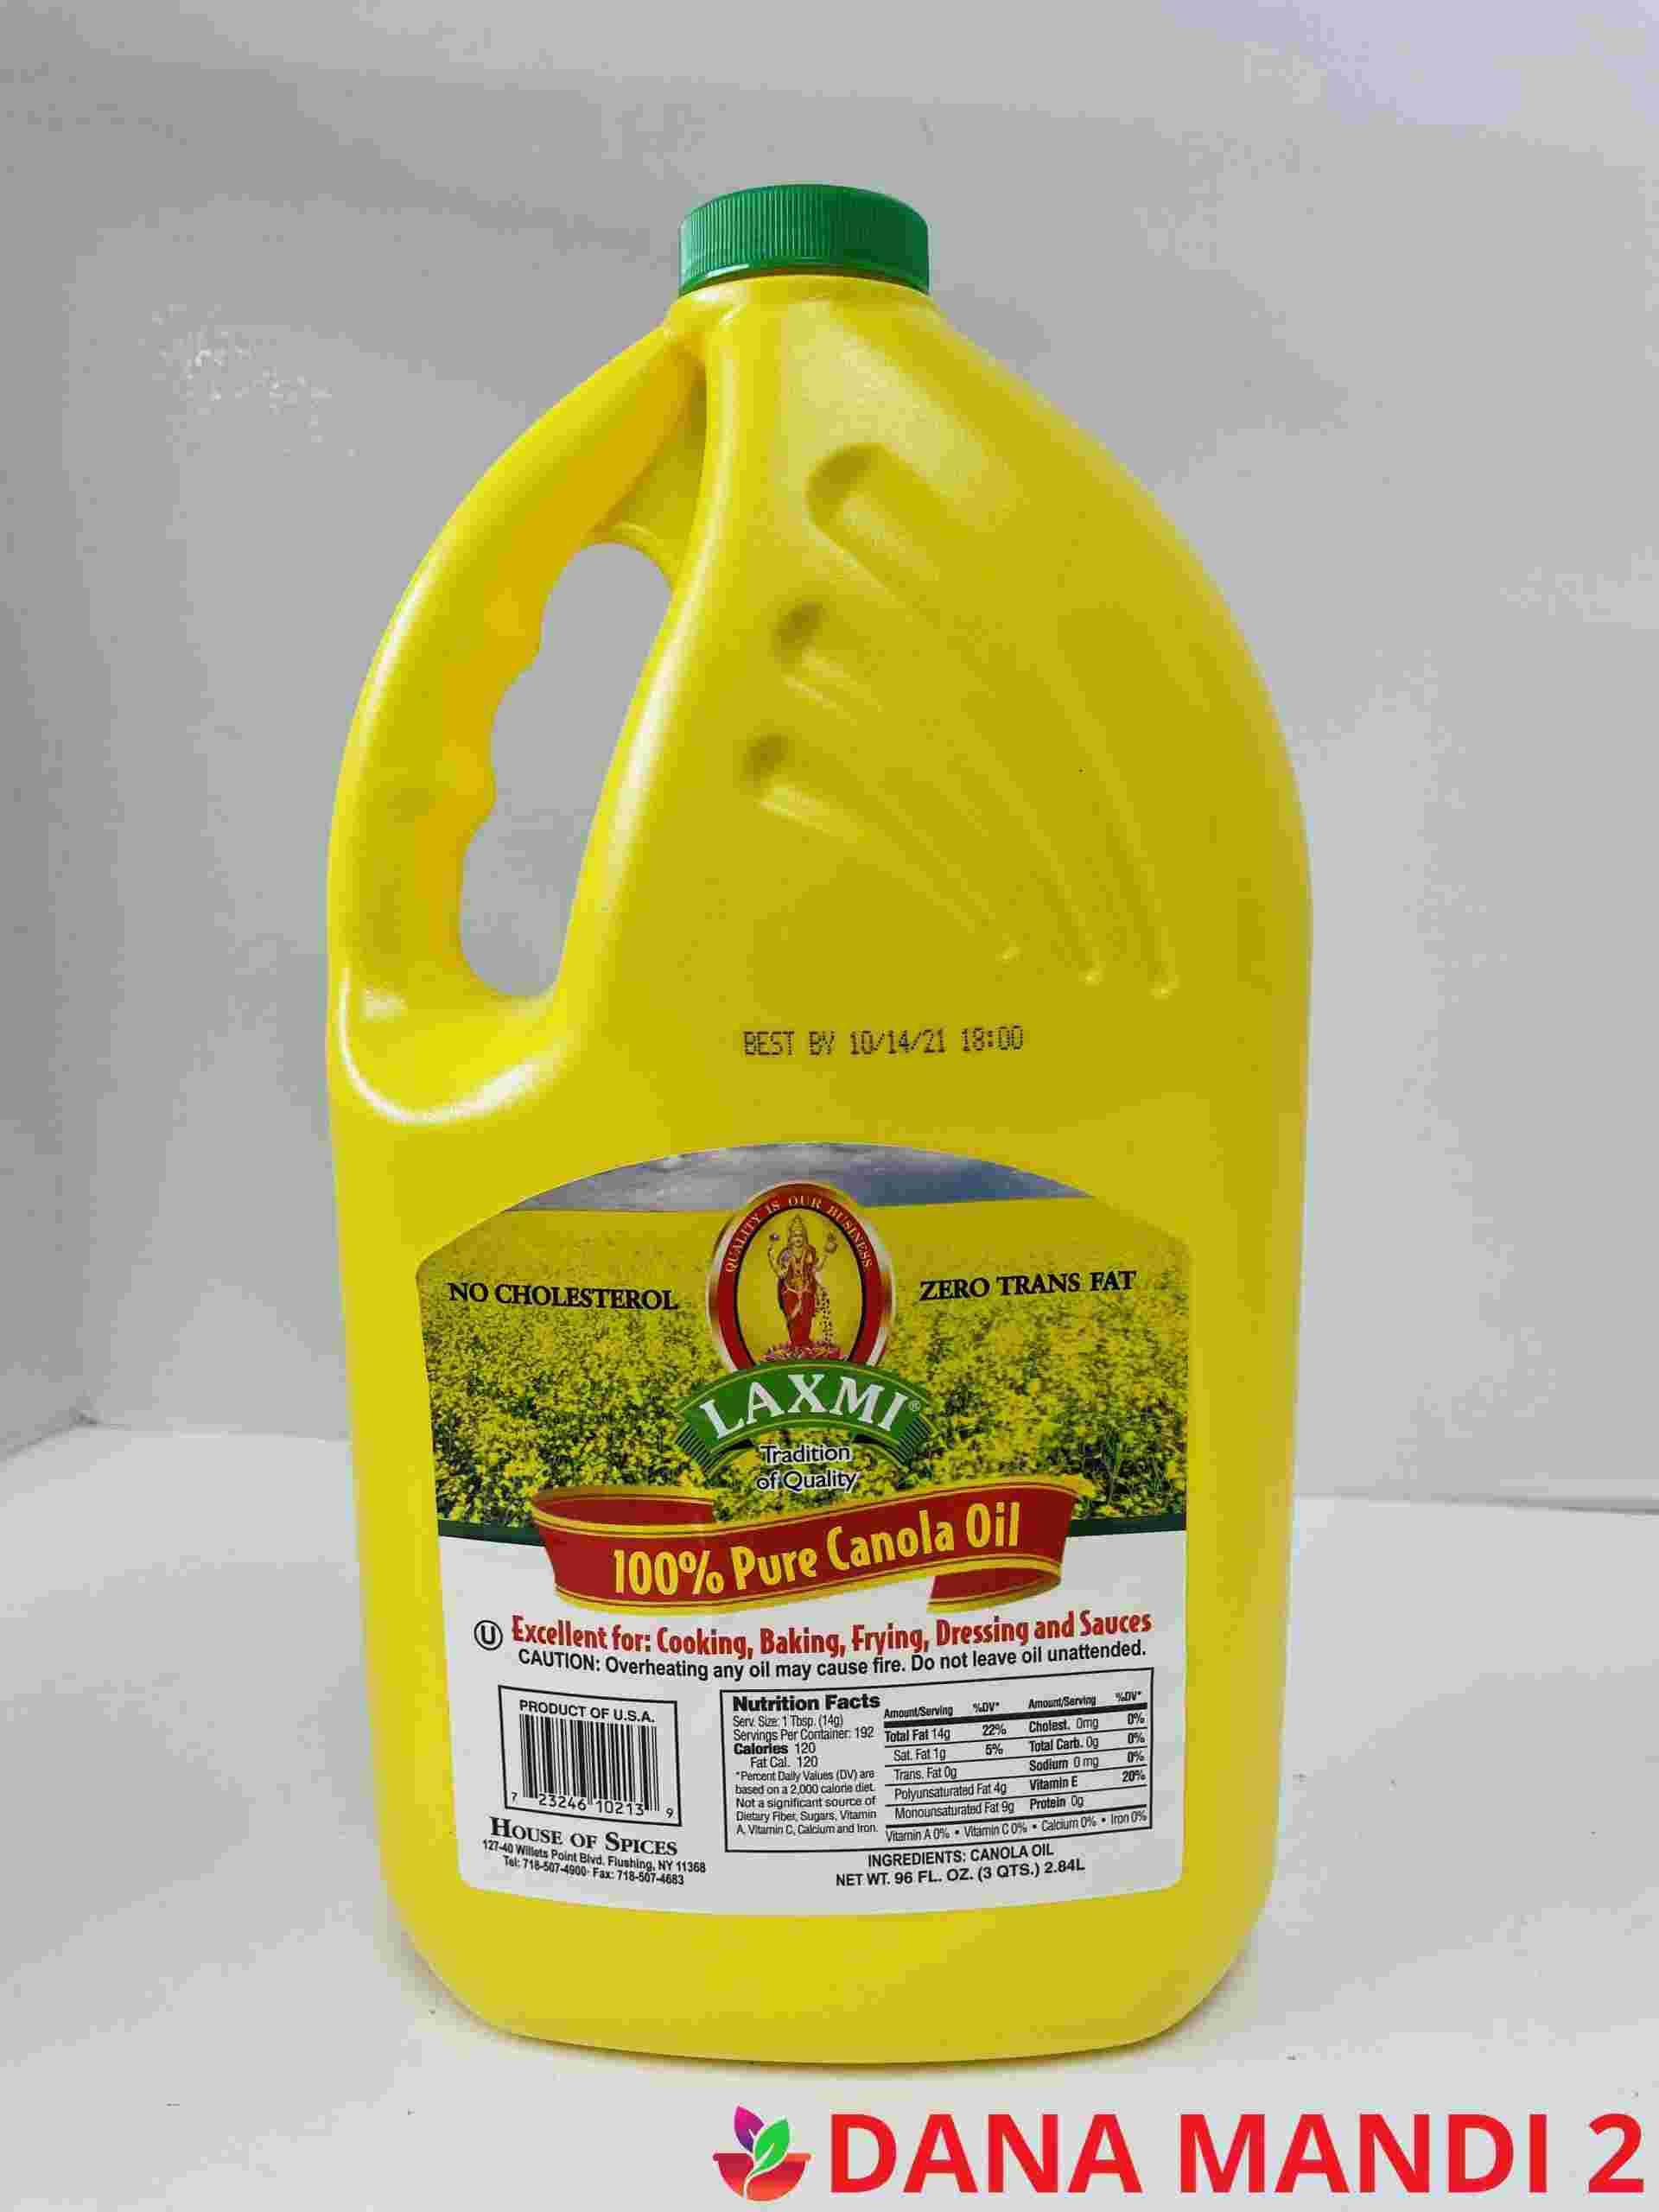 Laxmi Canola Oil